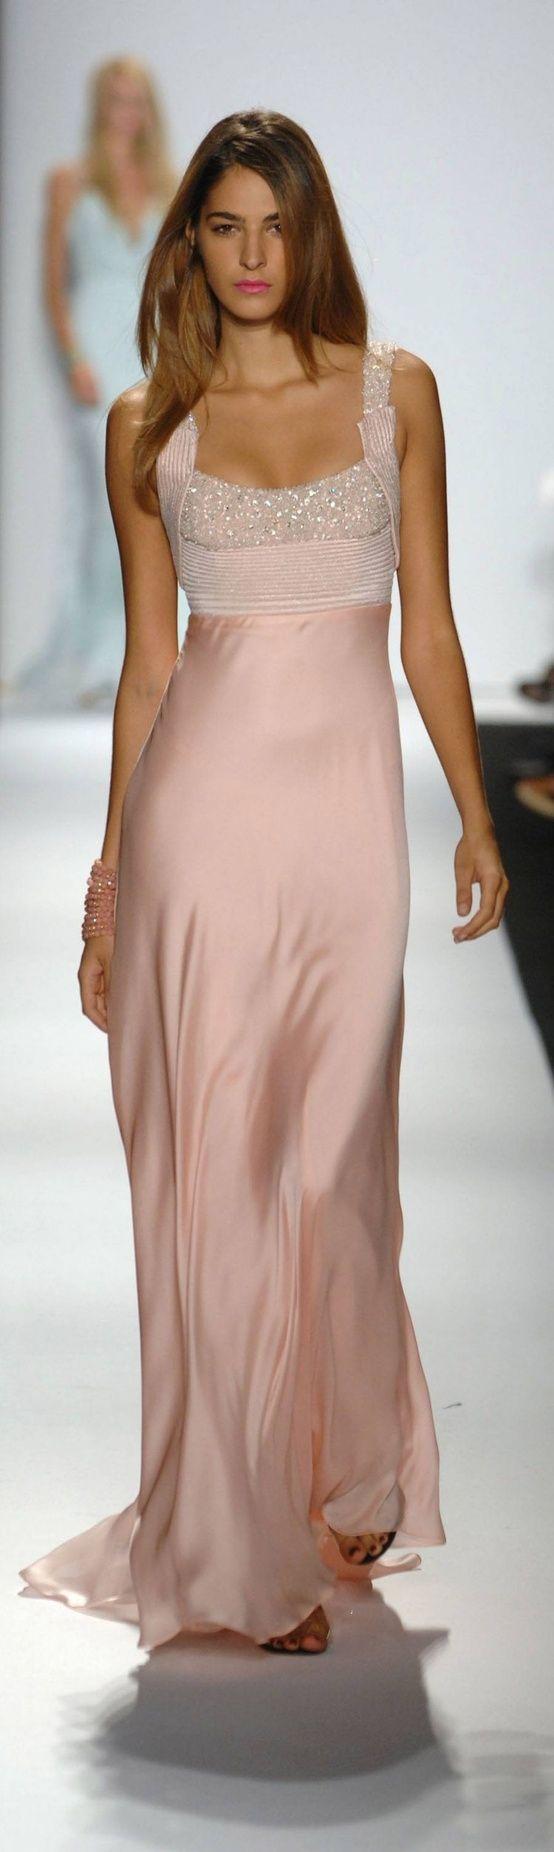 Mejores 426 imágenes de Fashion - Ralph Lauren en Pinterest | Ralph ...